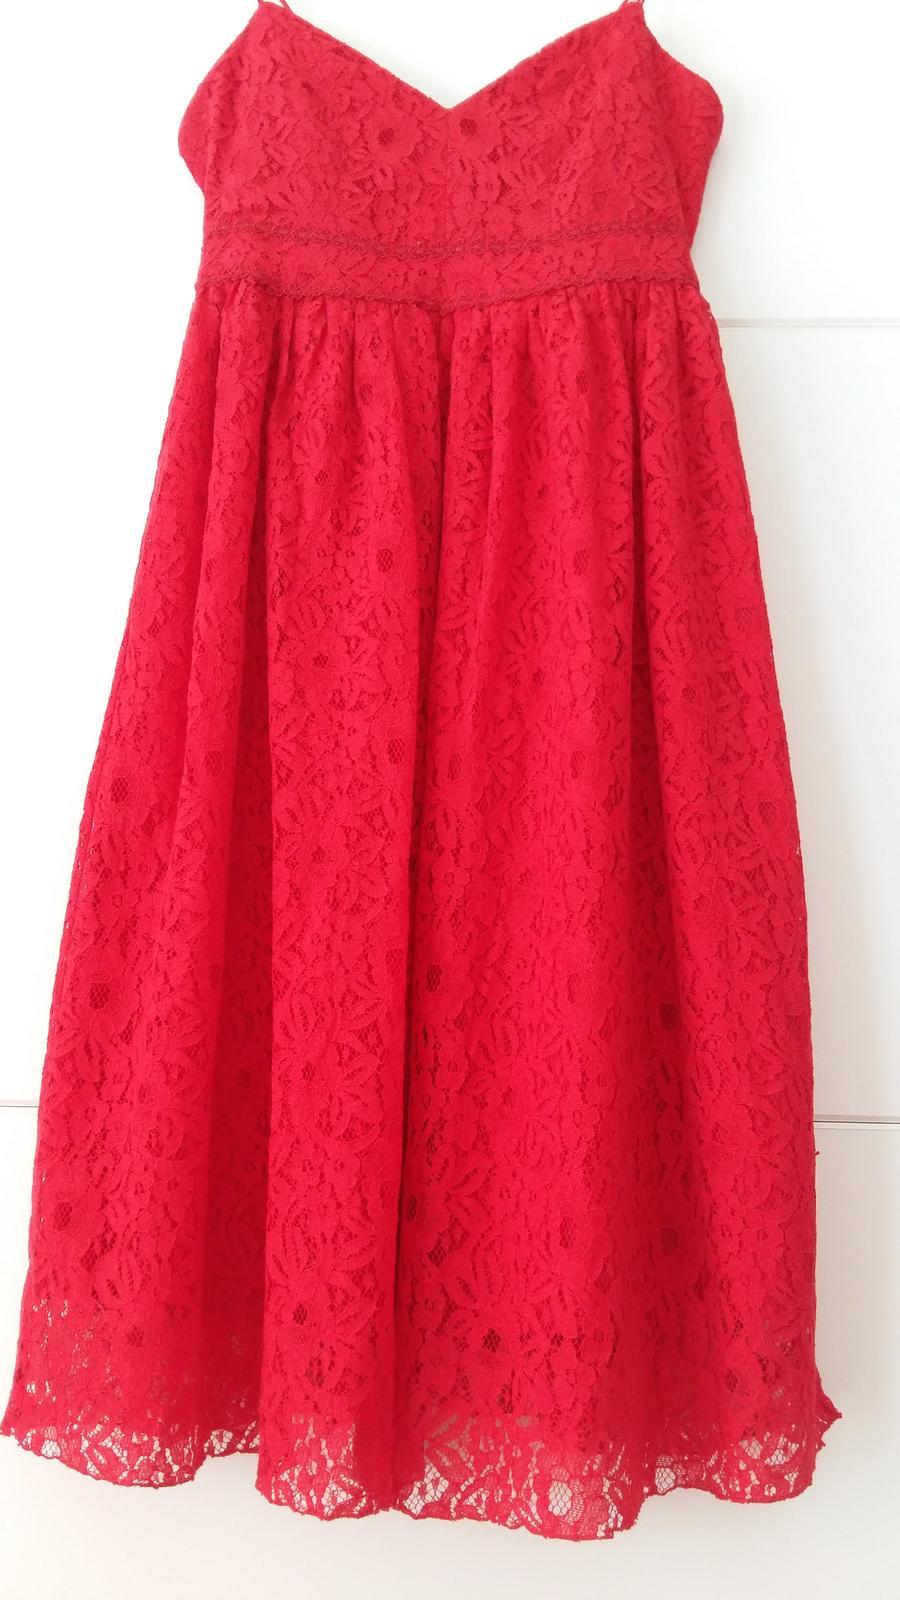 Červené čipkované šaty s výstrihom veľ. 42 - Obrázok č. 3